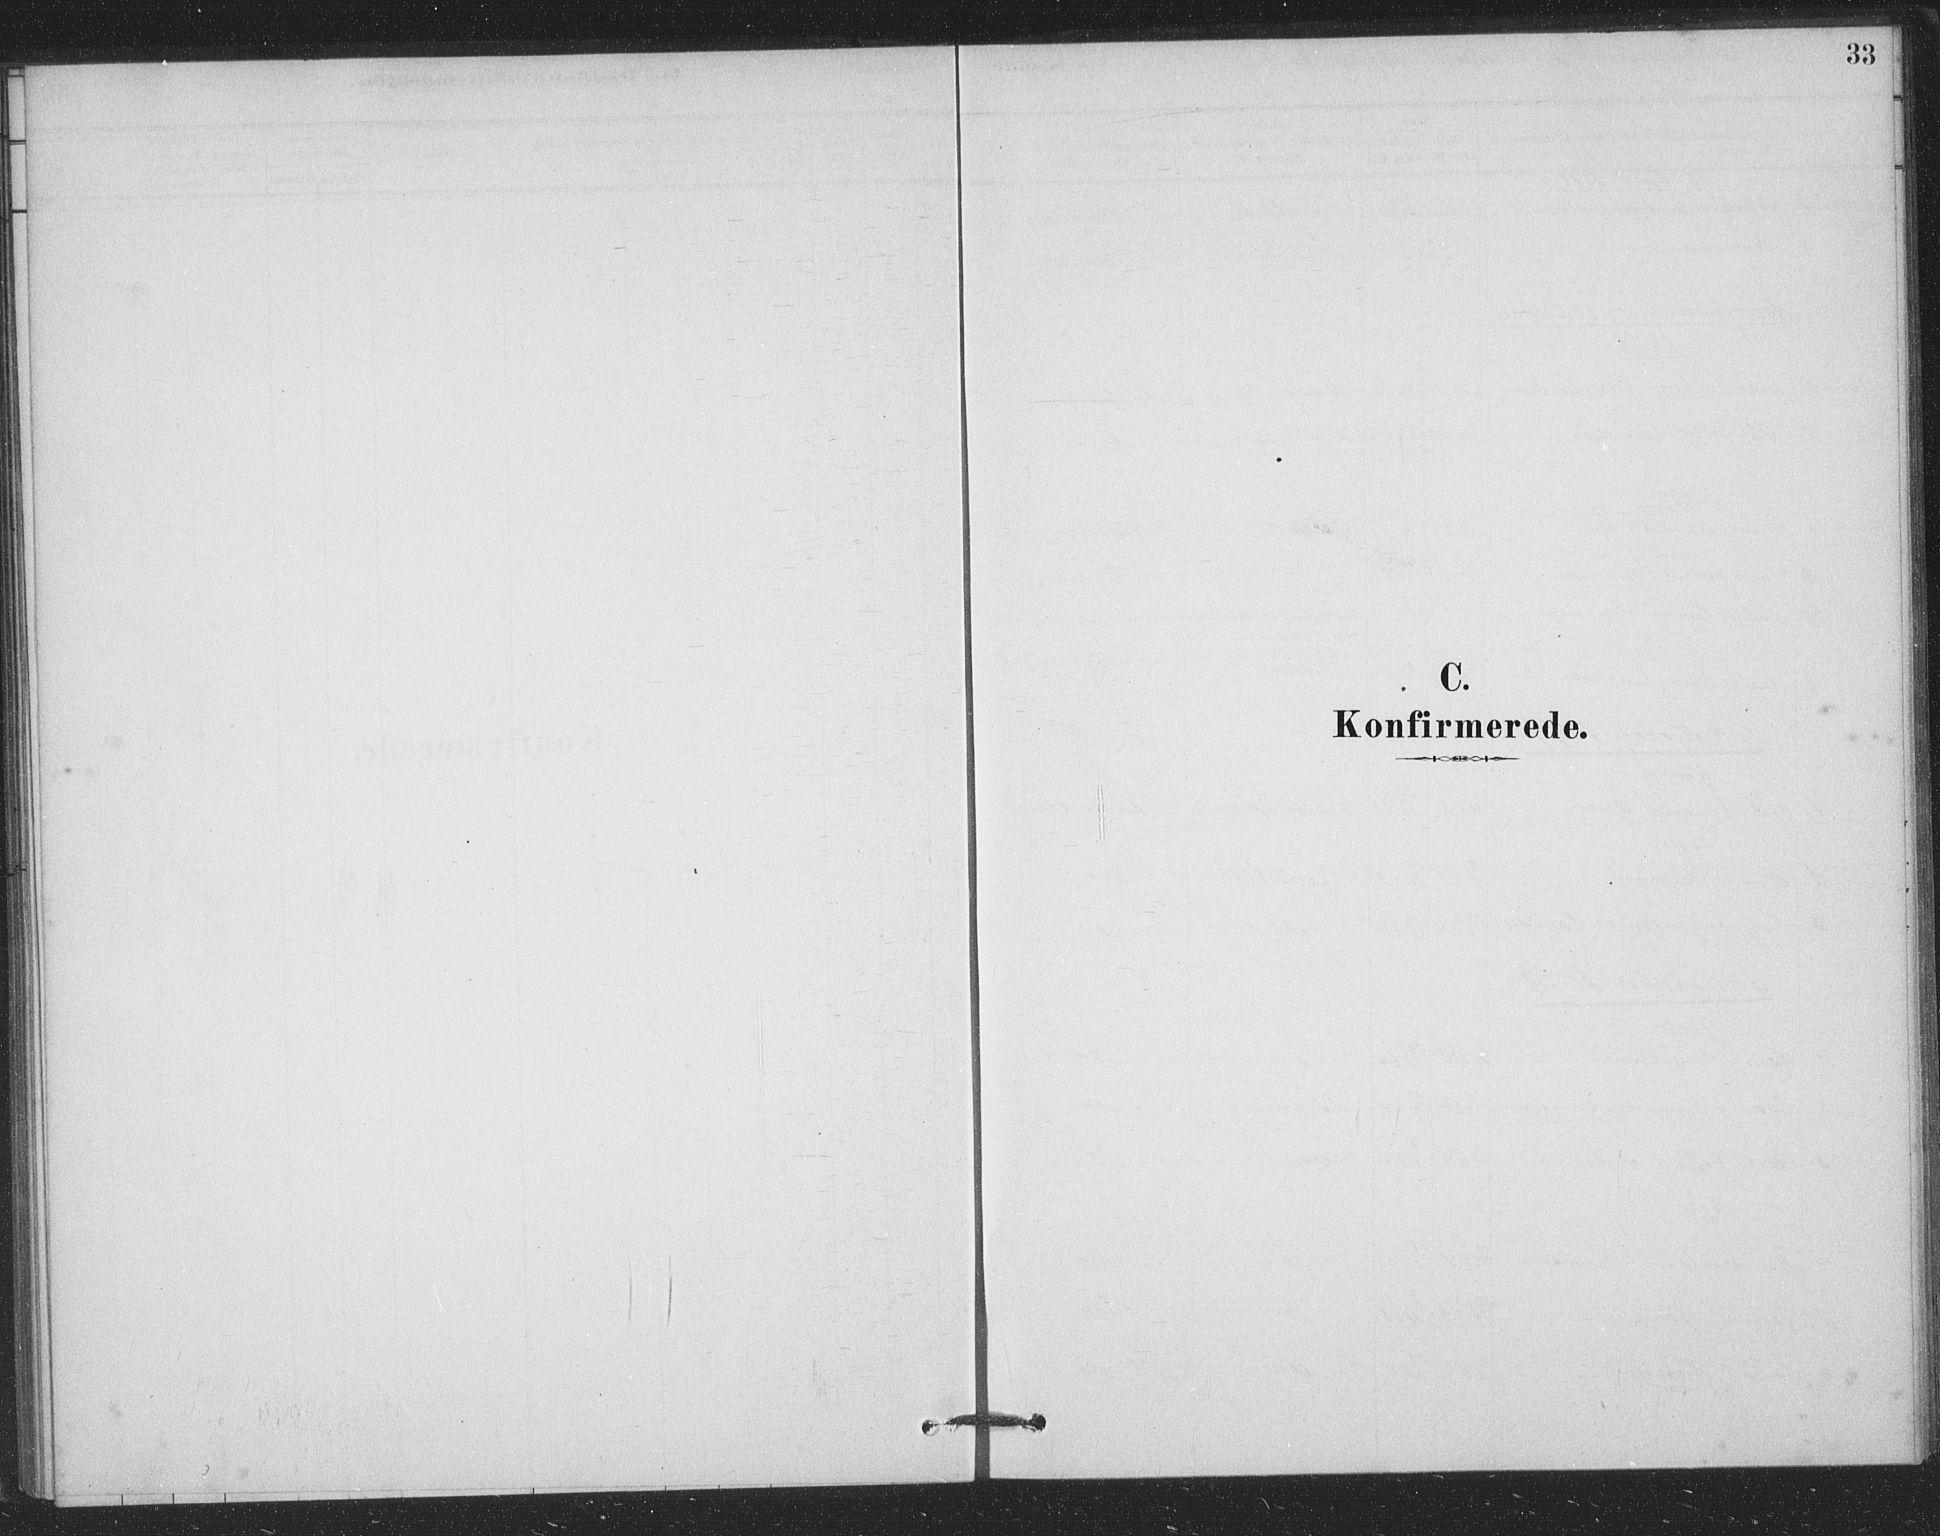 SAKO, Bamble kirkebøker, F/Fb/L0001: Ministerialbok nr. II 1, 1878-1899, s. 33